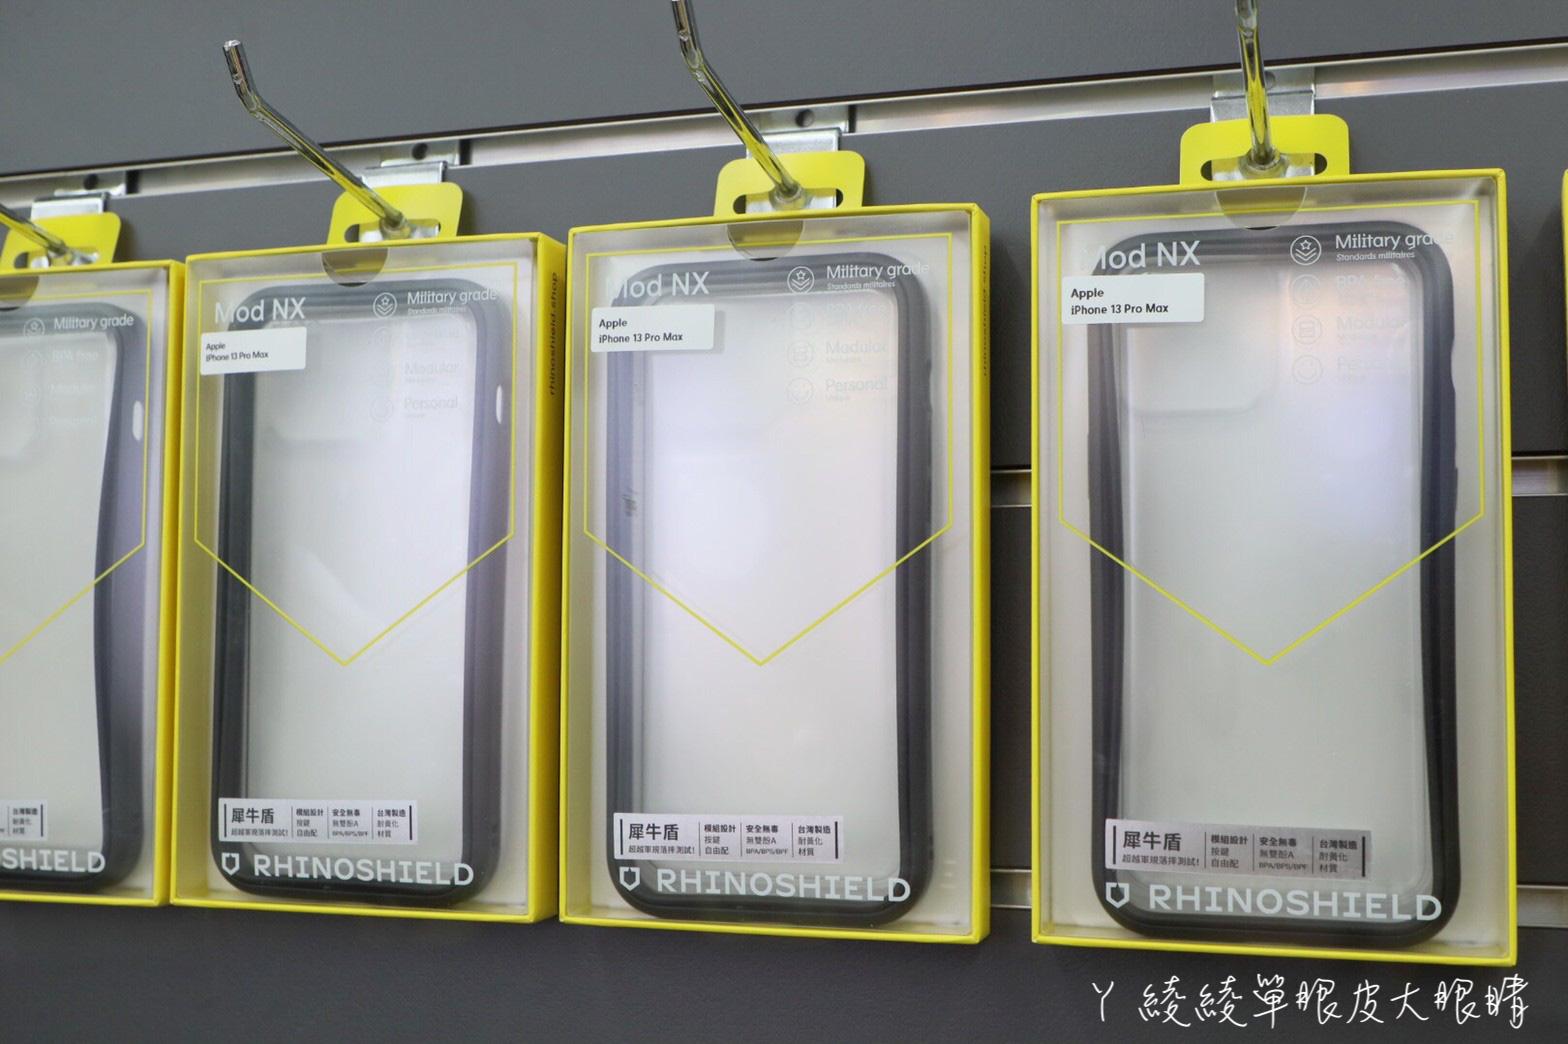 新竹比價王概念通訊iPhone 13系列手機現貨不用等!粉絲加碼抽AirPods耳機,無卡分期可用五倍券